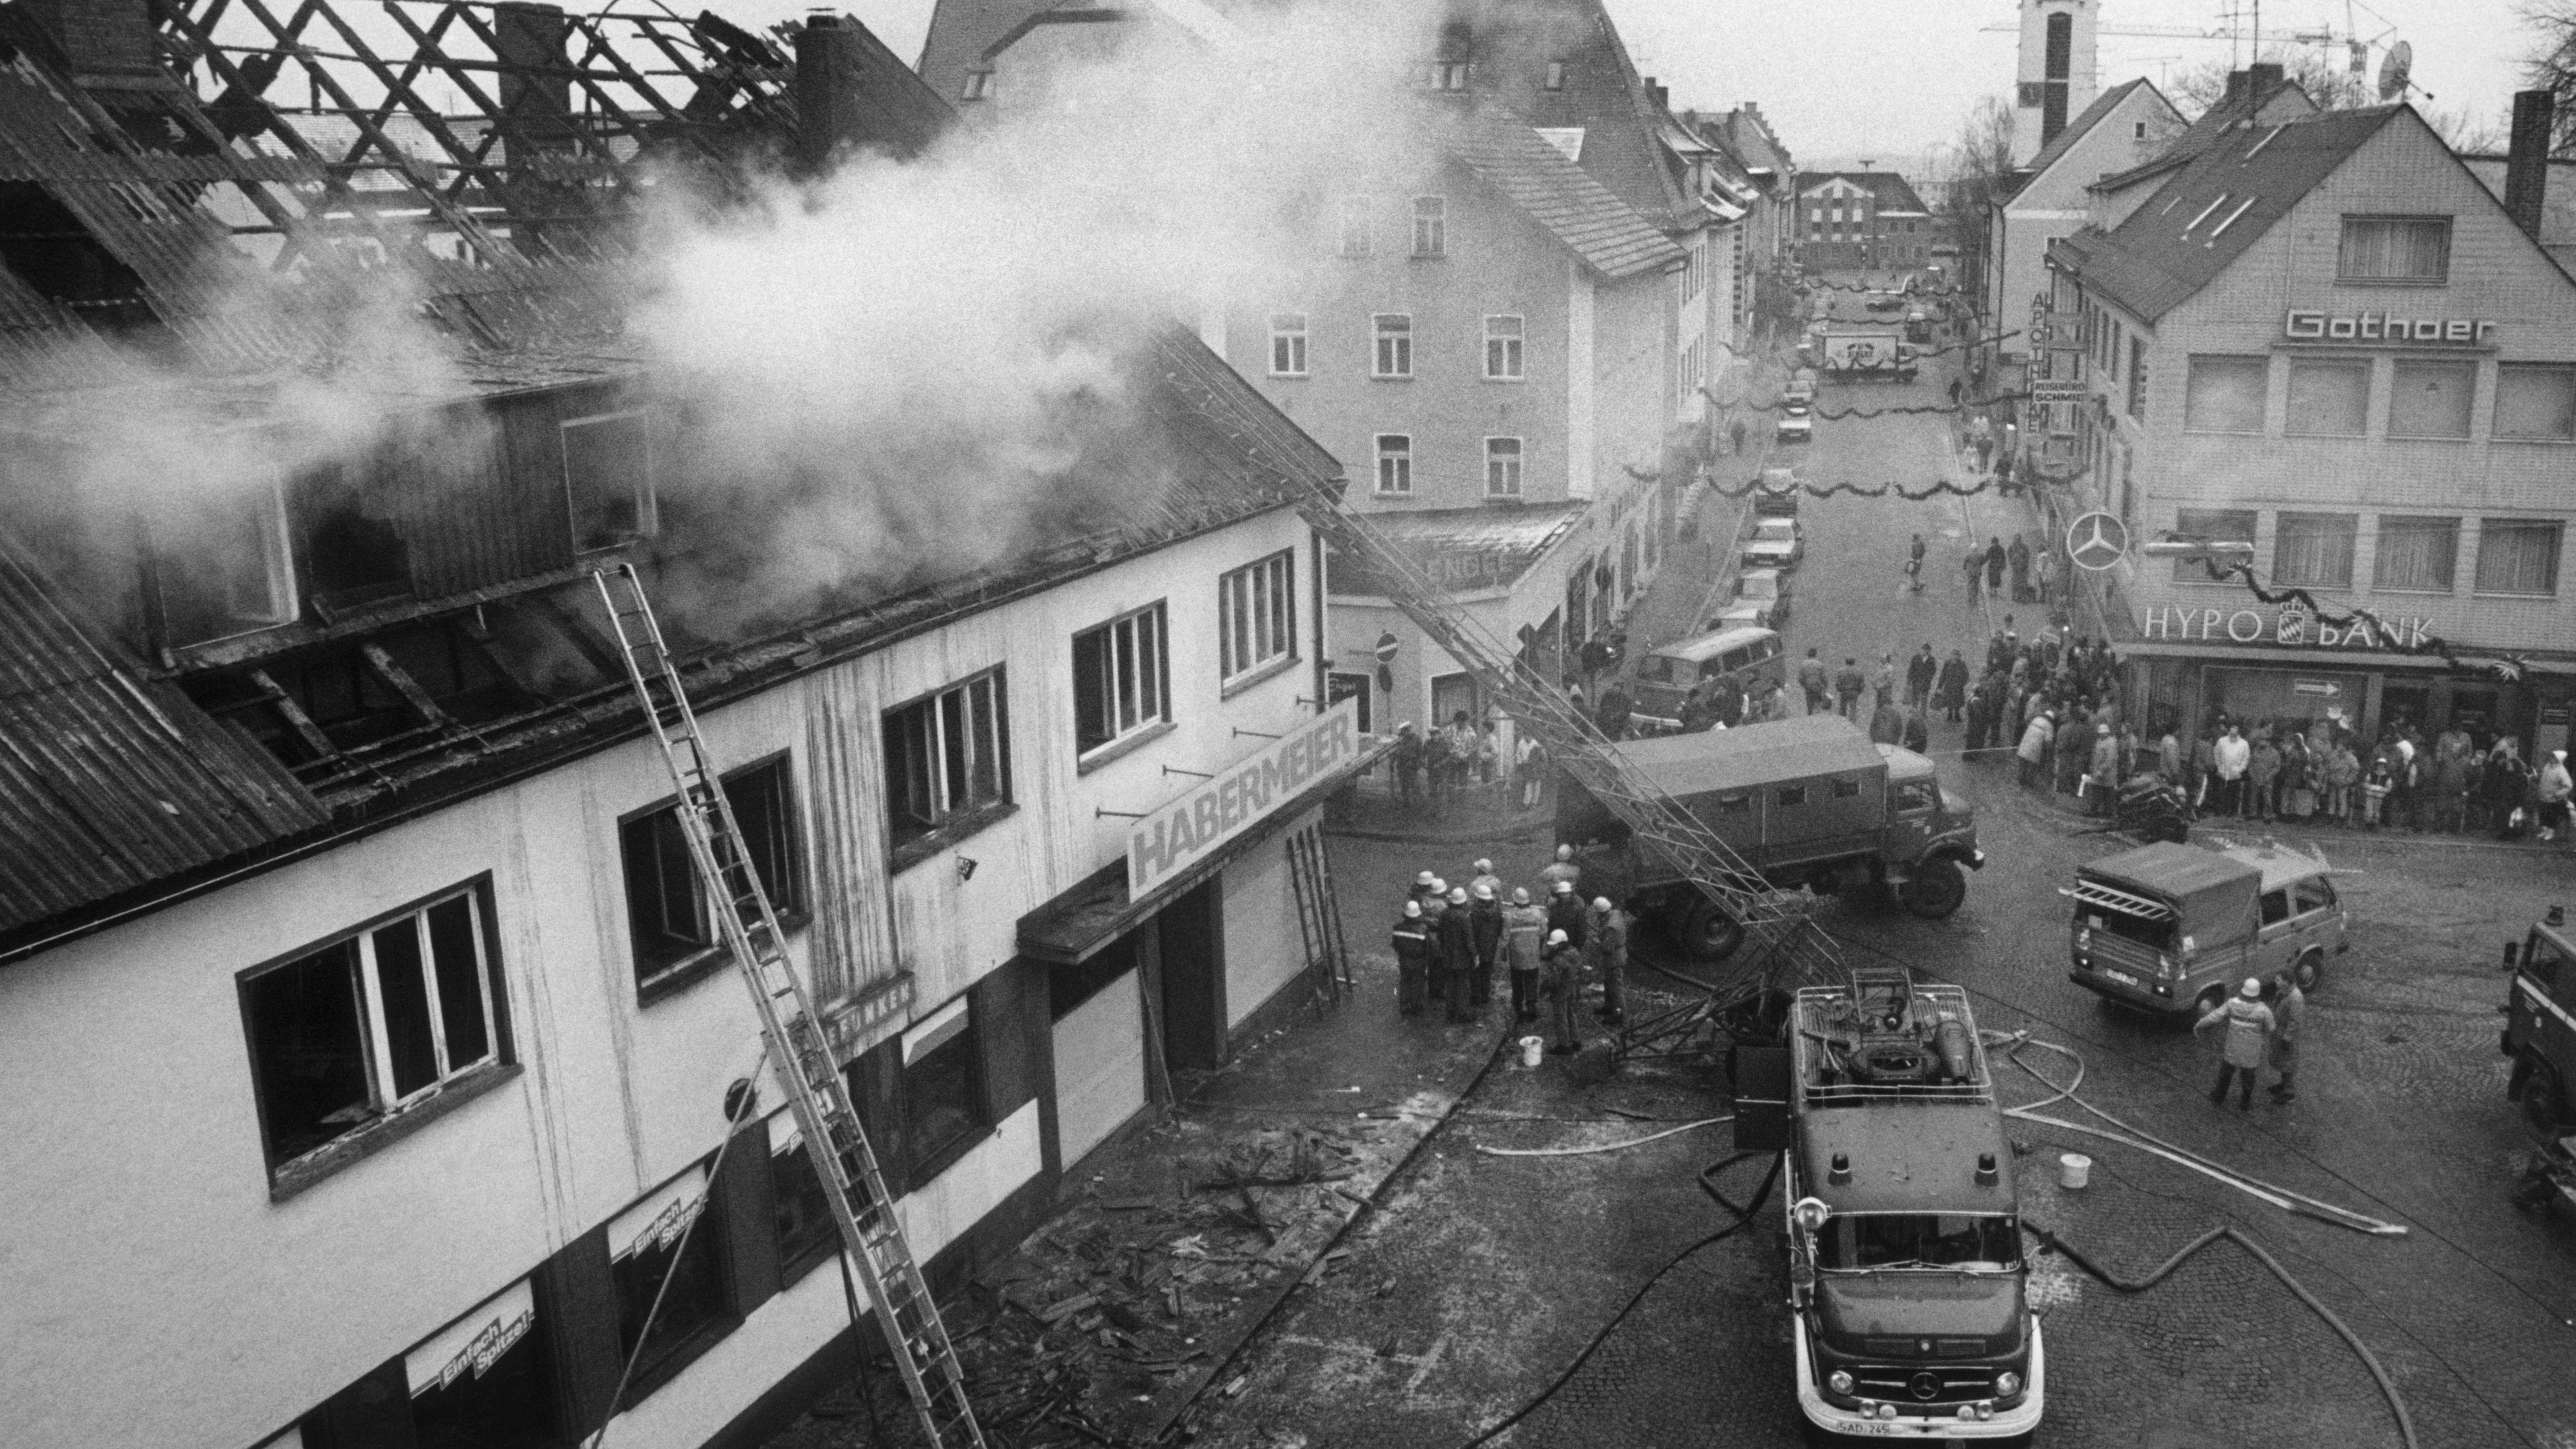 Brennendes Habermeier-Haus in Schwandorf 1988